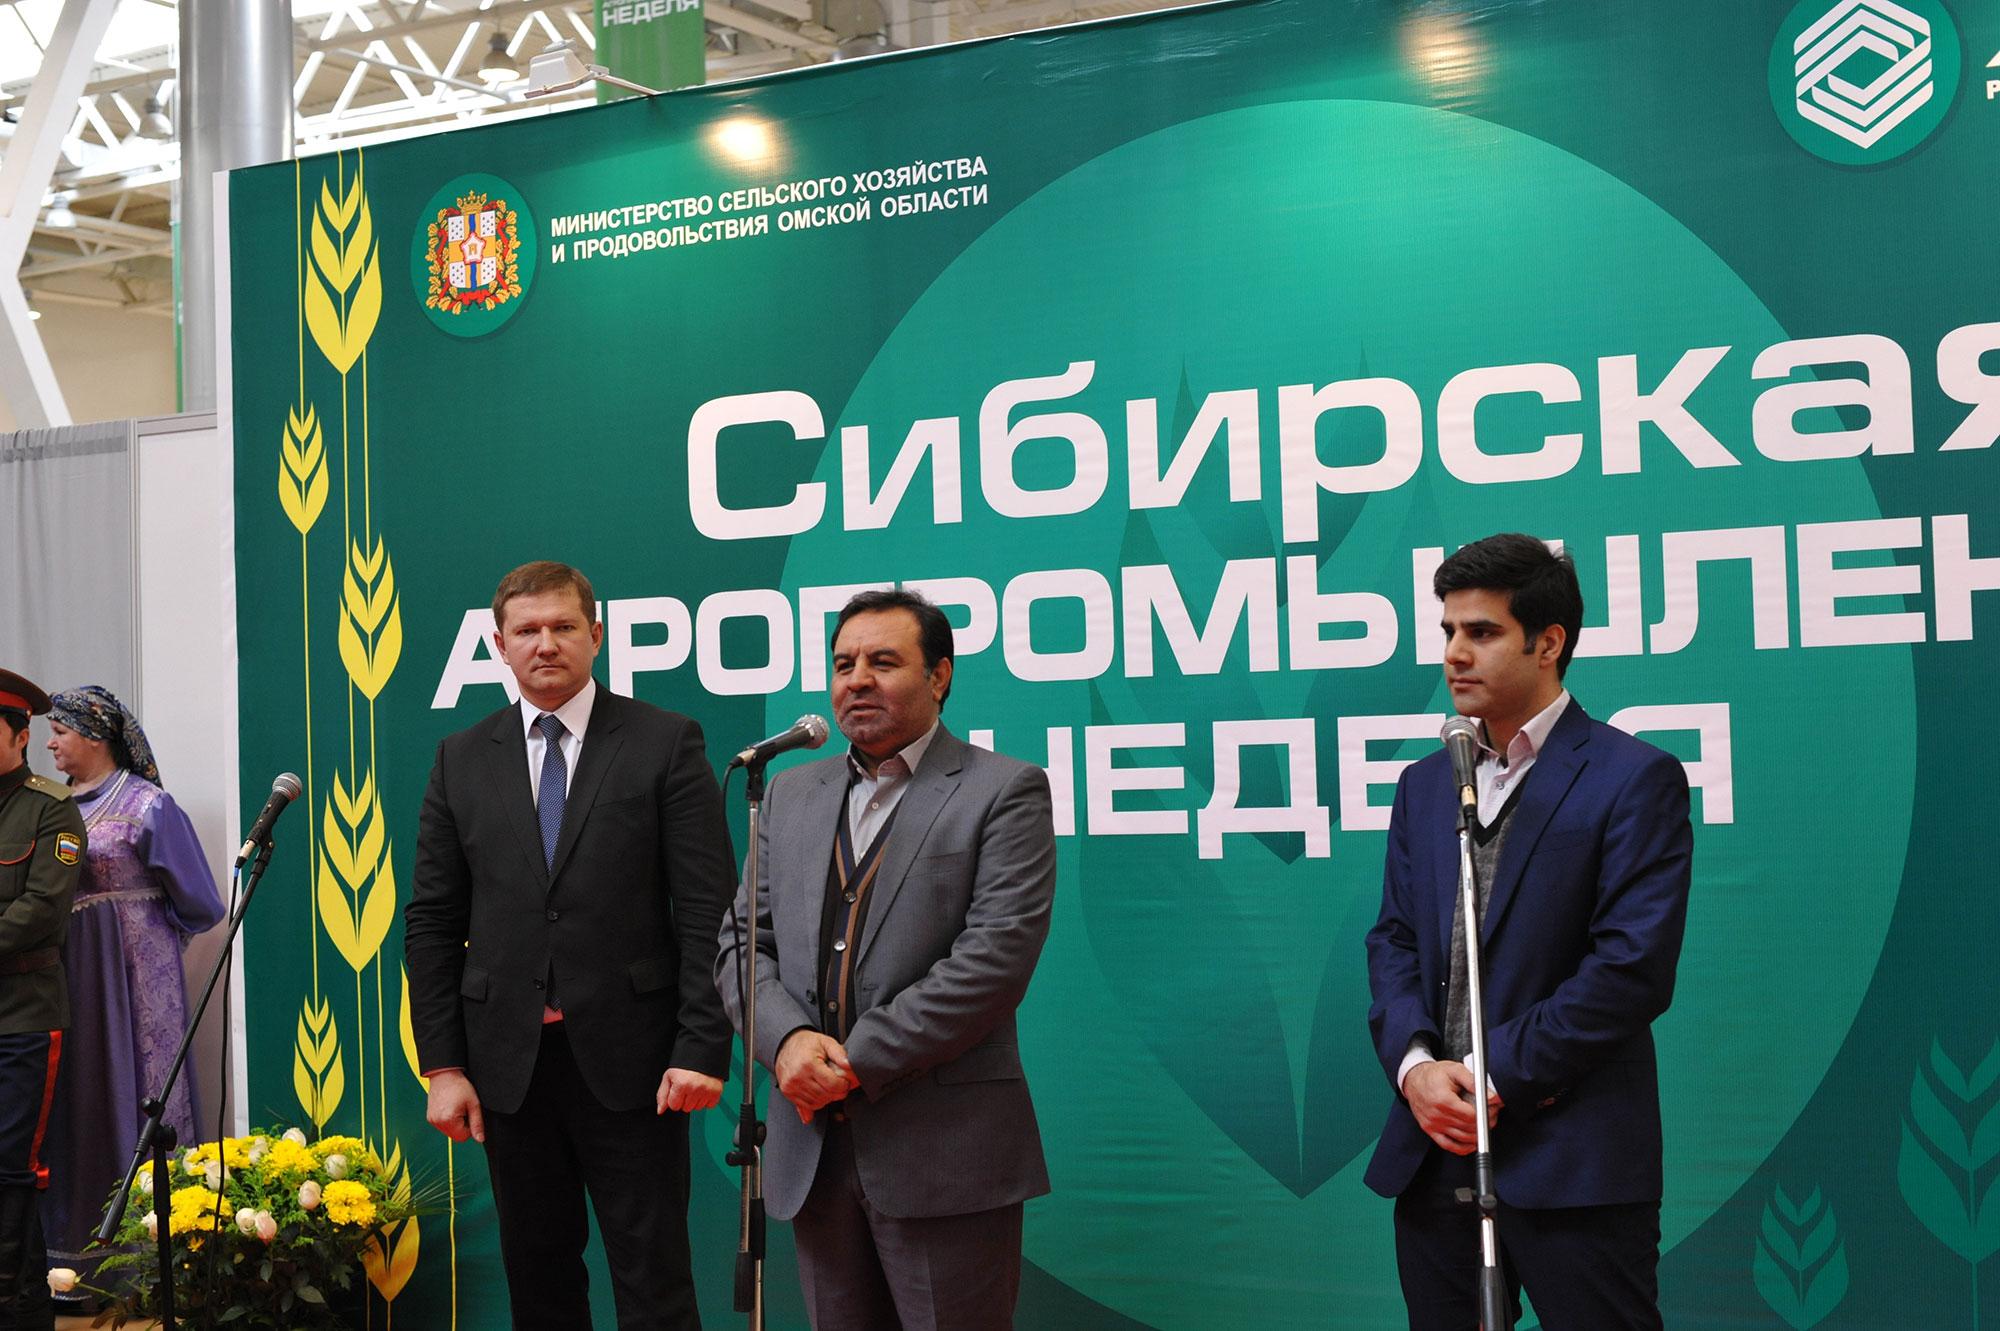 Сибирская агропромышленная неделя - 2015 г. Омск